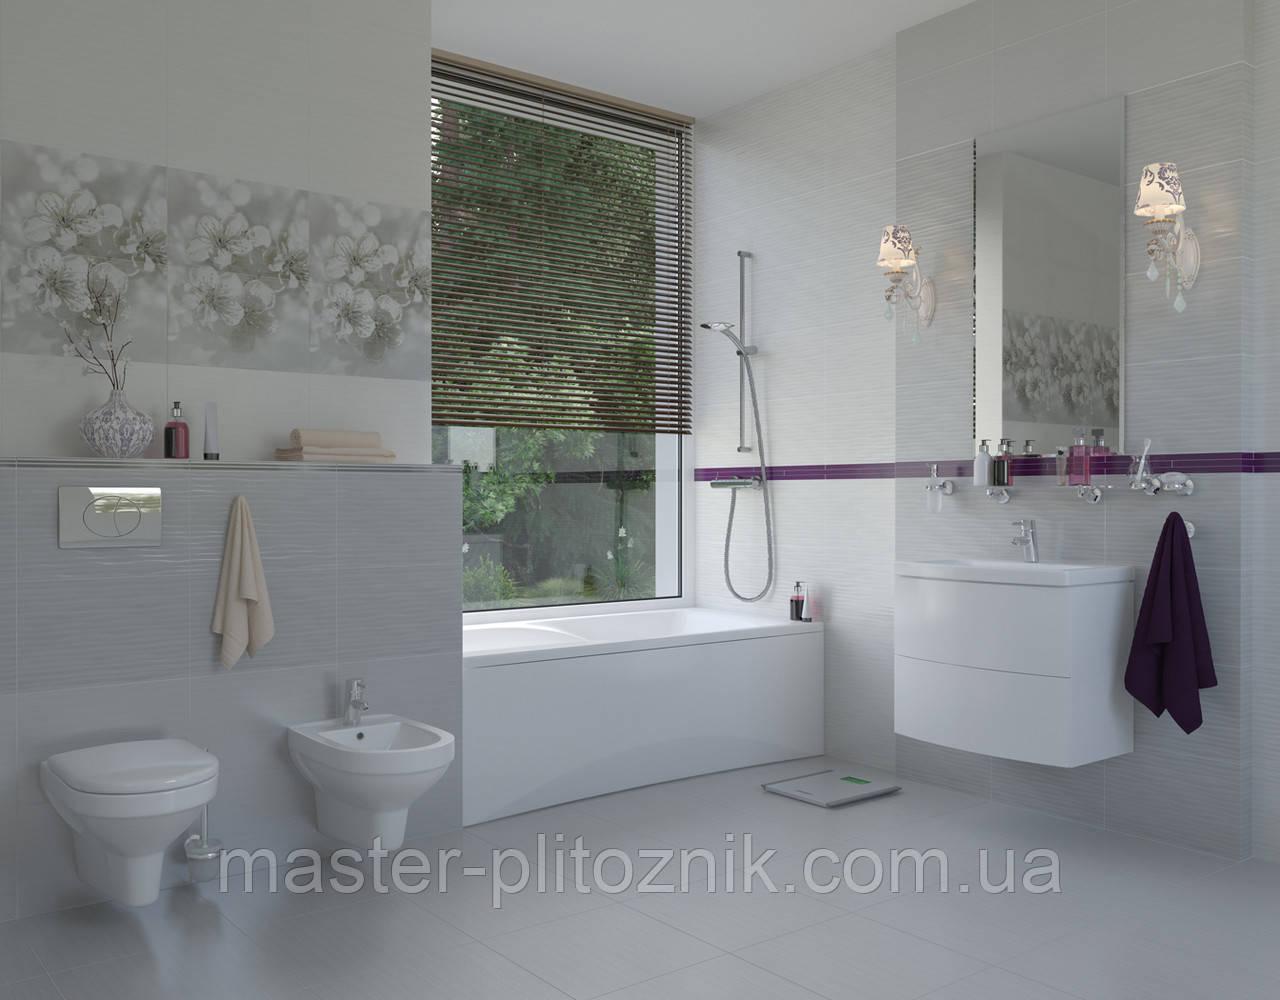 Плитка облицовочная для стен Mirta (мирта) Opozcno, фото 1